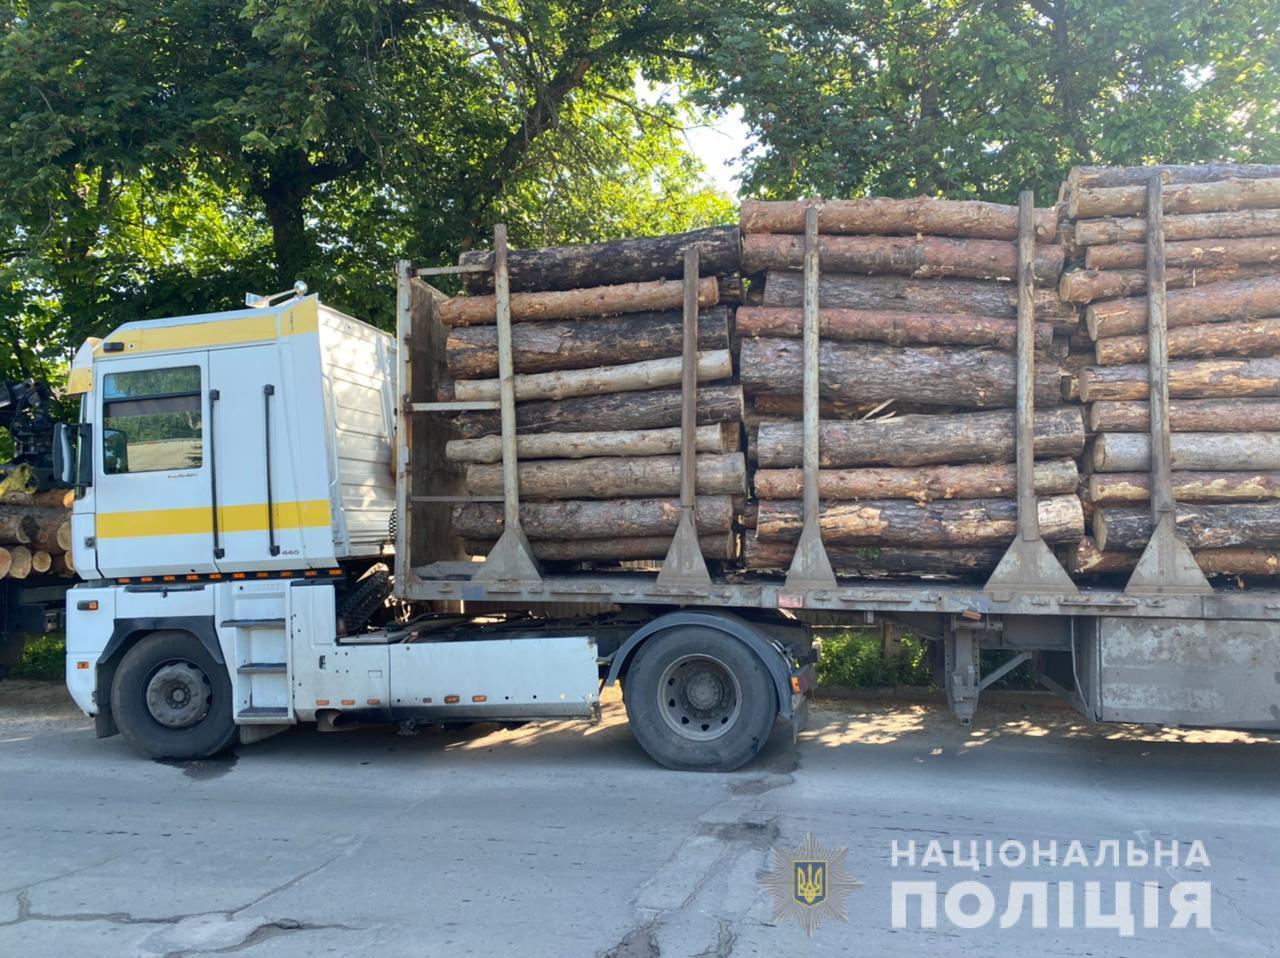 В Харьковской области остановили два грузовика з незаконно срубленными соснами (фото)